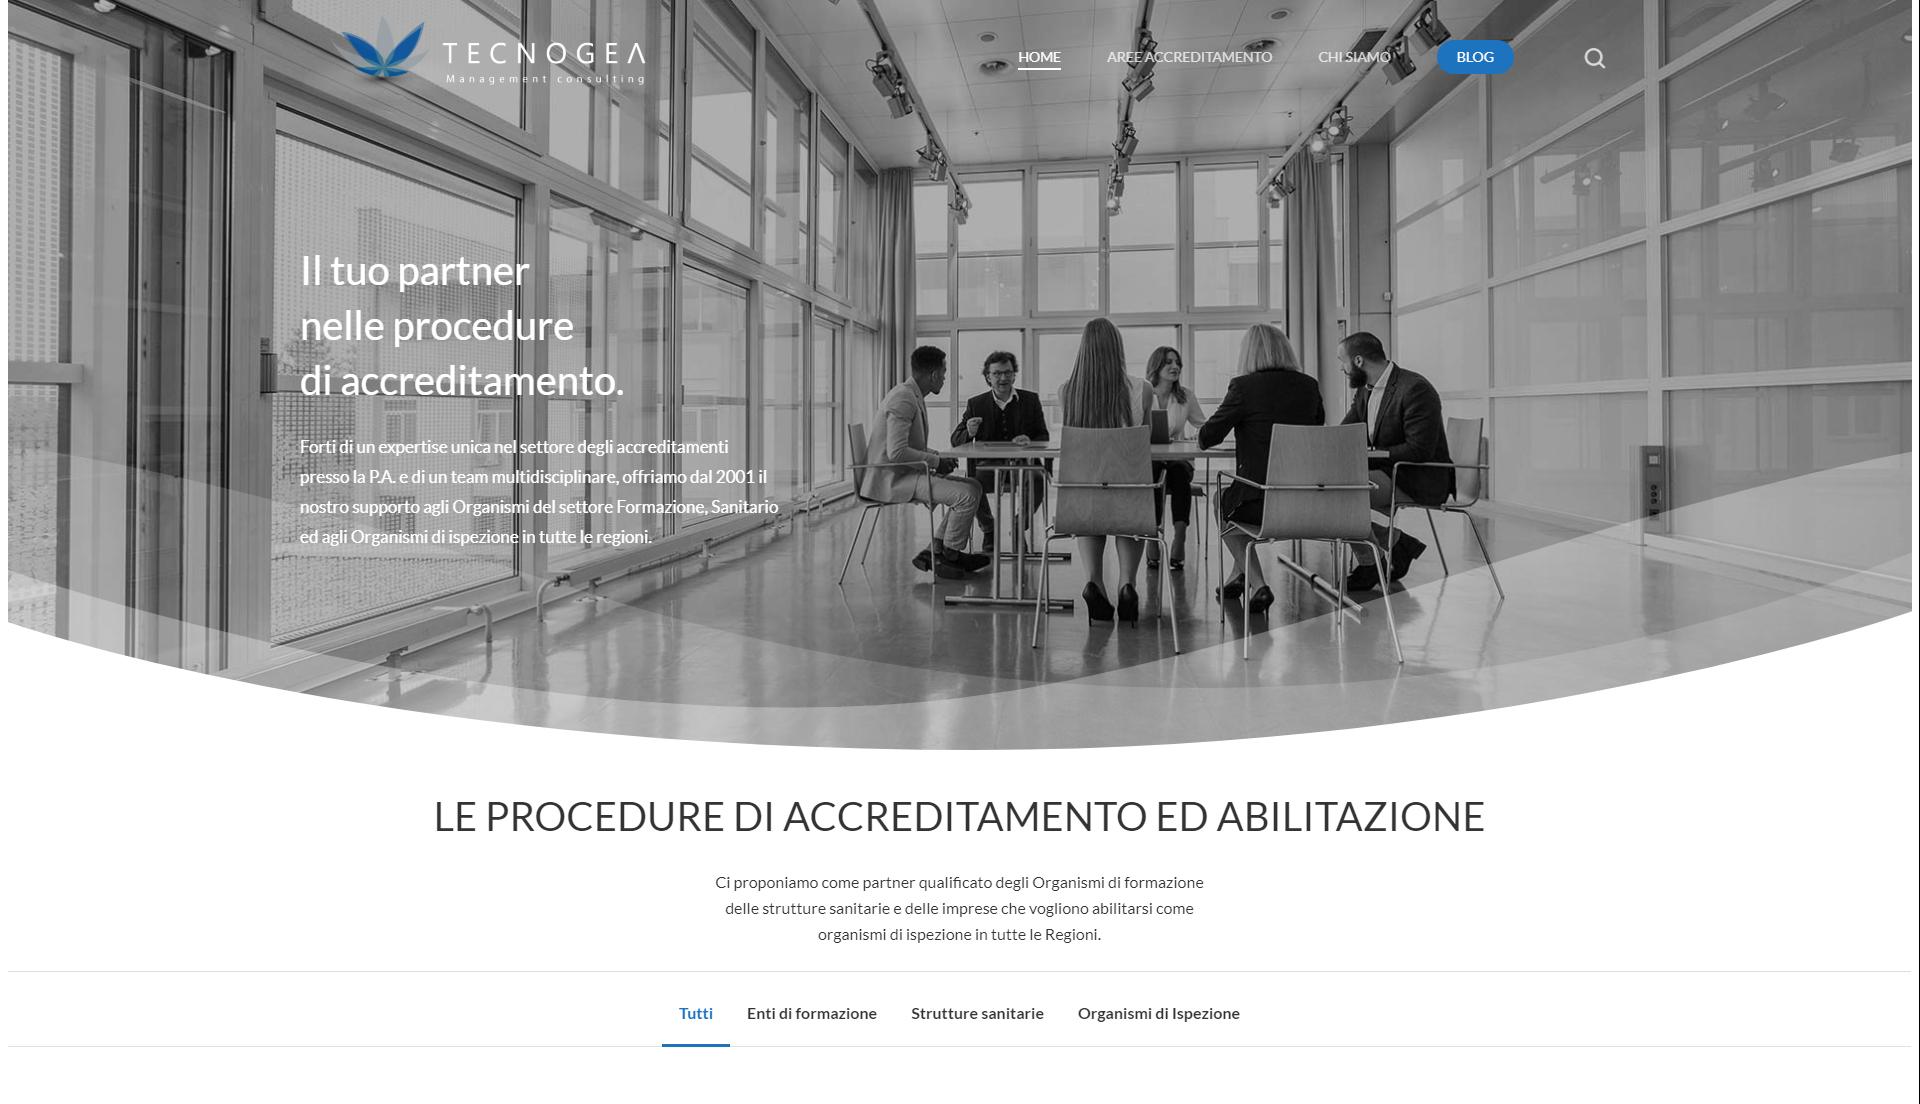 On-line Il Nuovo Portale Di Tecnogea Dedicato Alle Procedure Di Accreditamento